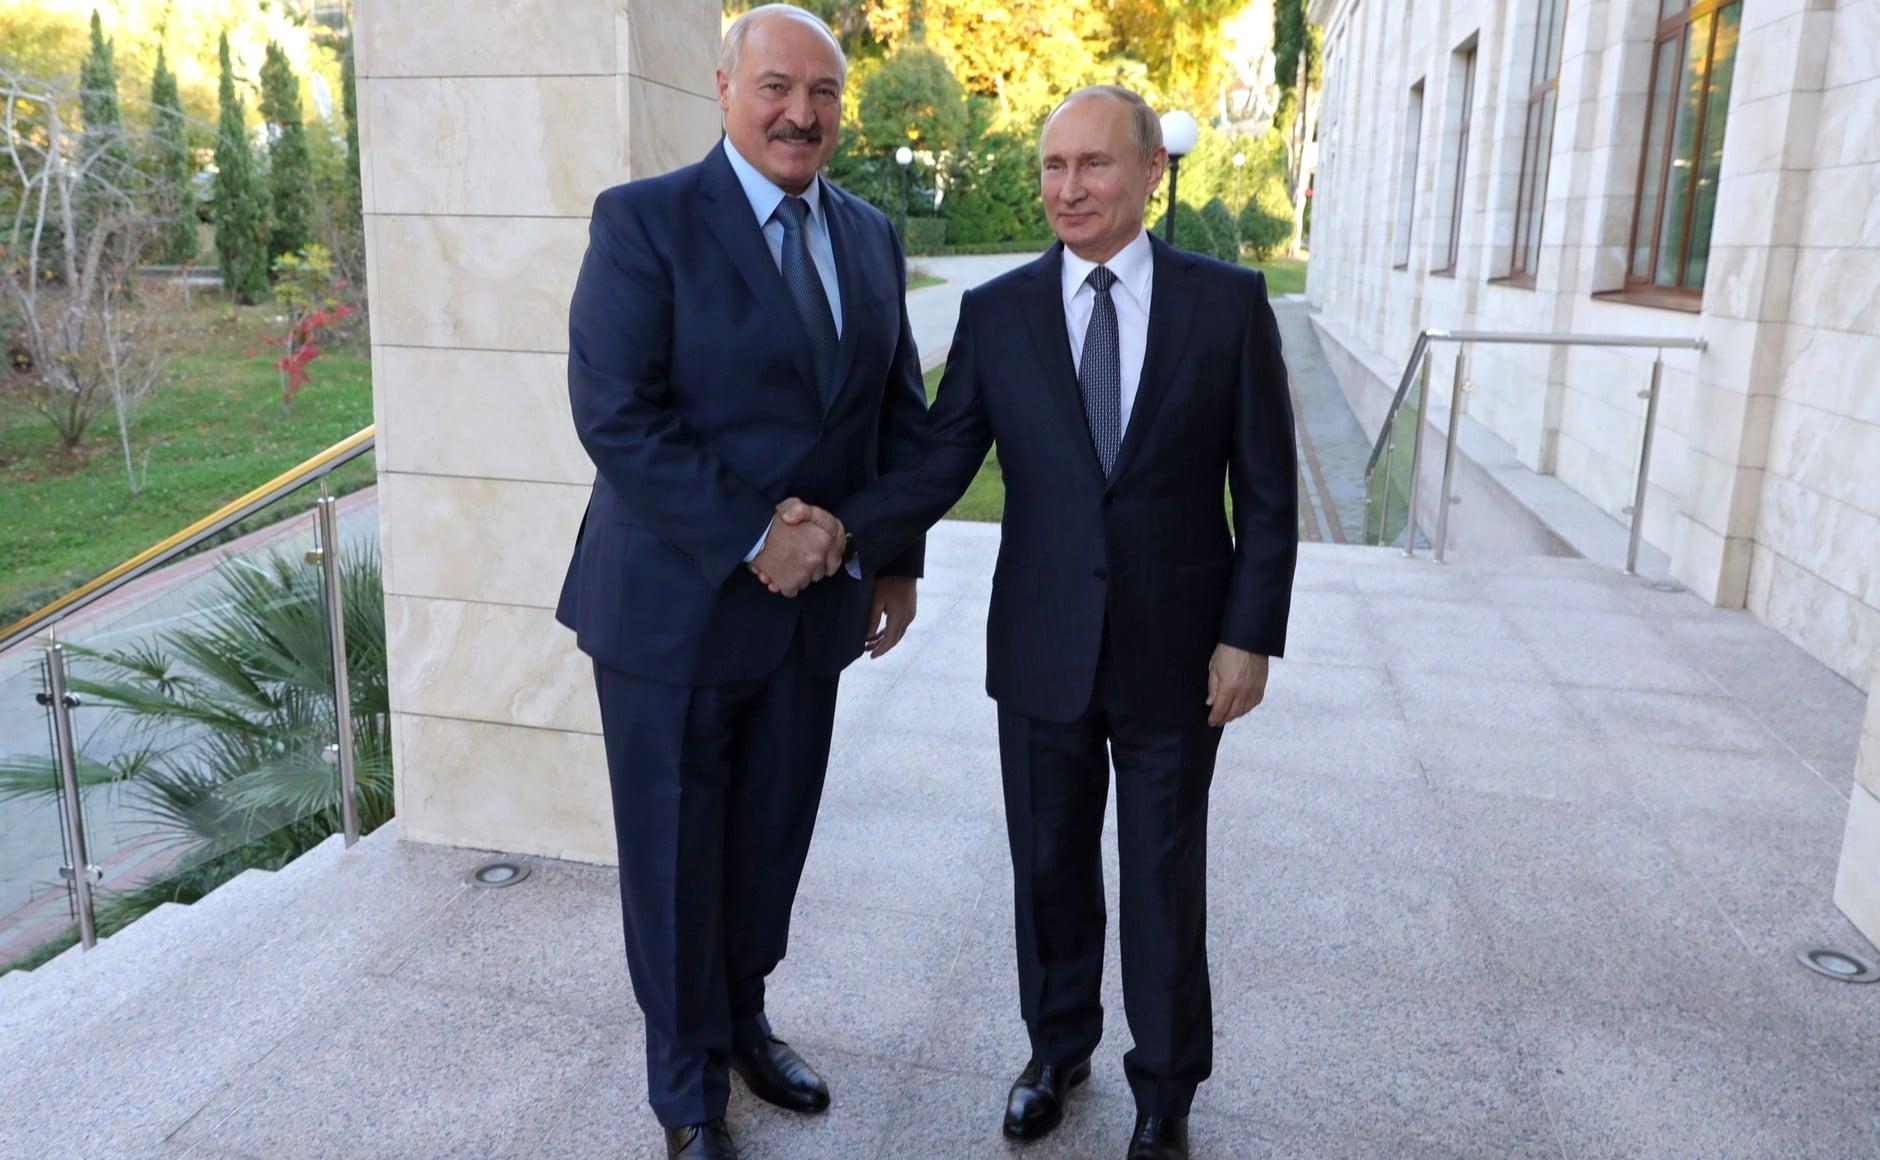 Putyin: Oroszország szükség esetén rendvédelmi erőiből küld segítséget Belarusznak